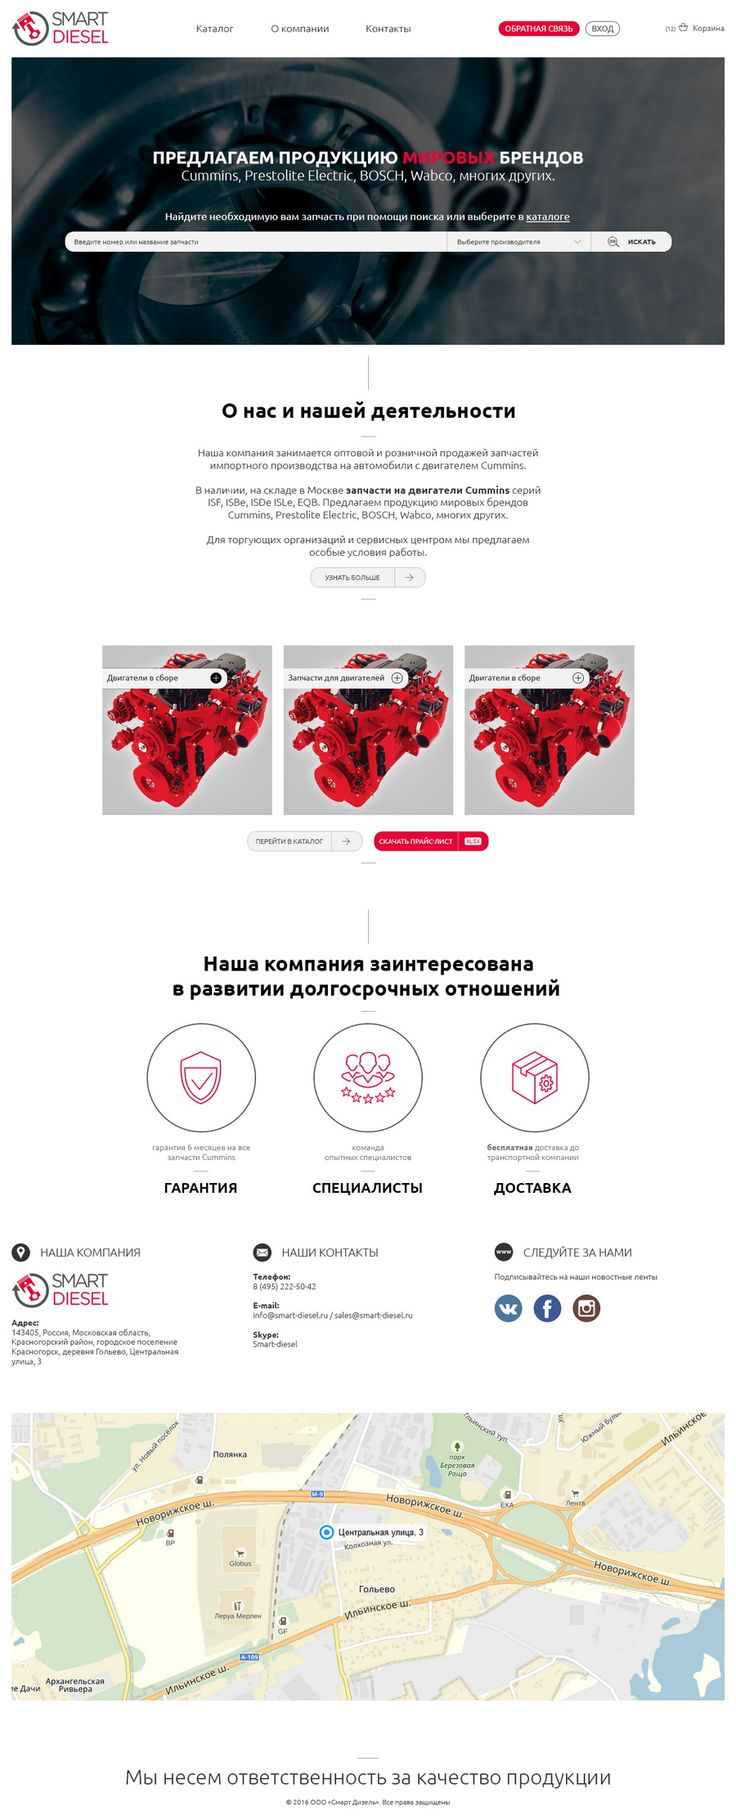 """Дизайн сайта для компании """"Smart Diesel"""", занимающейся оптовой и розничной продажей запчастей импортного производства на автомобили   Студия веб-дизайна Cakewood #site #design #cakewood"""